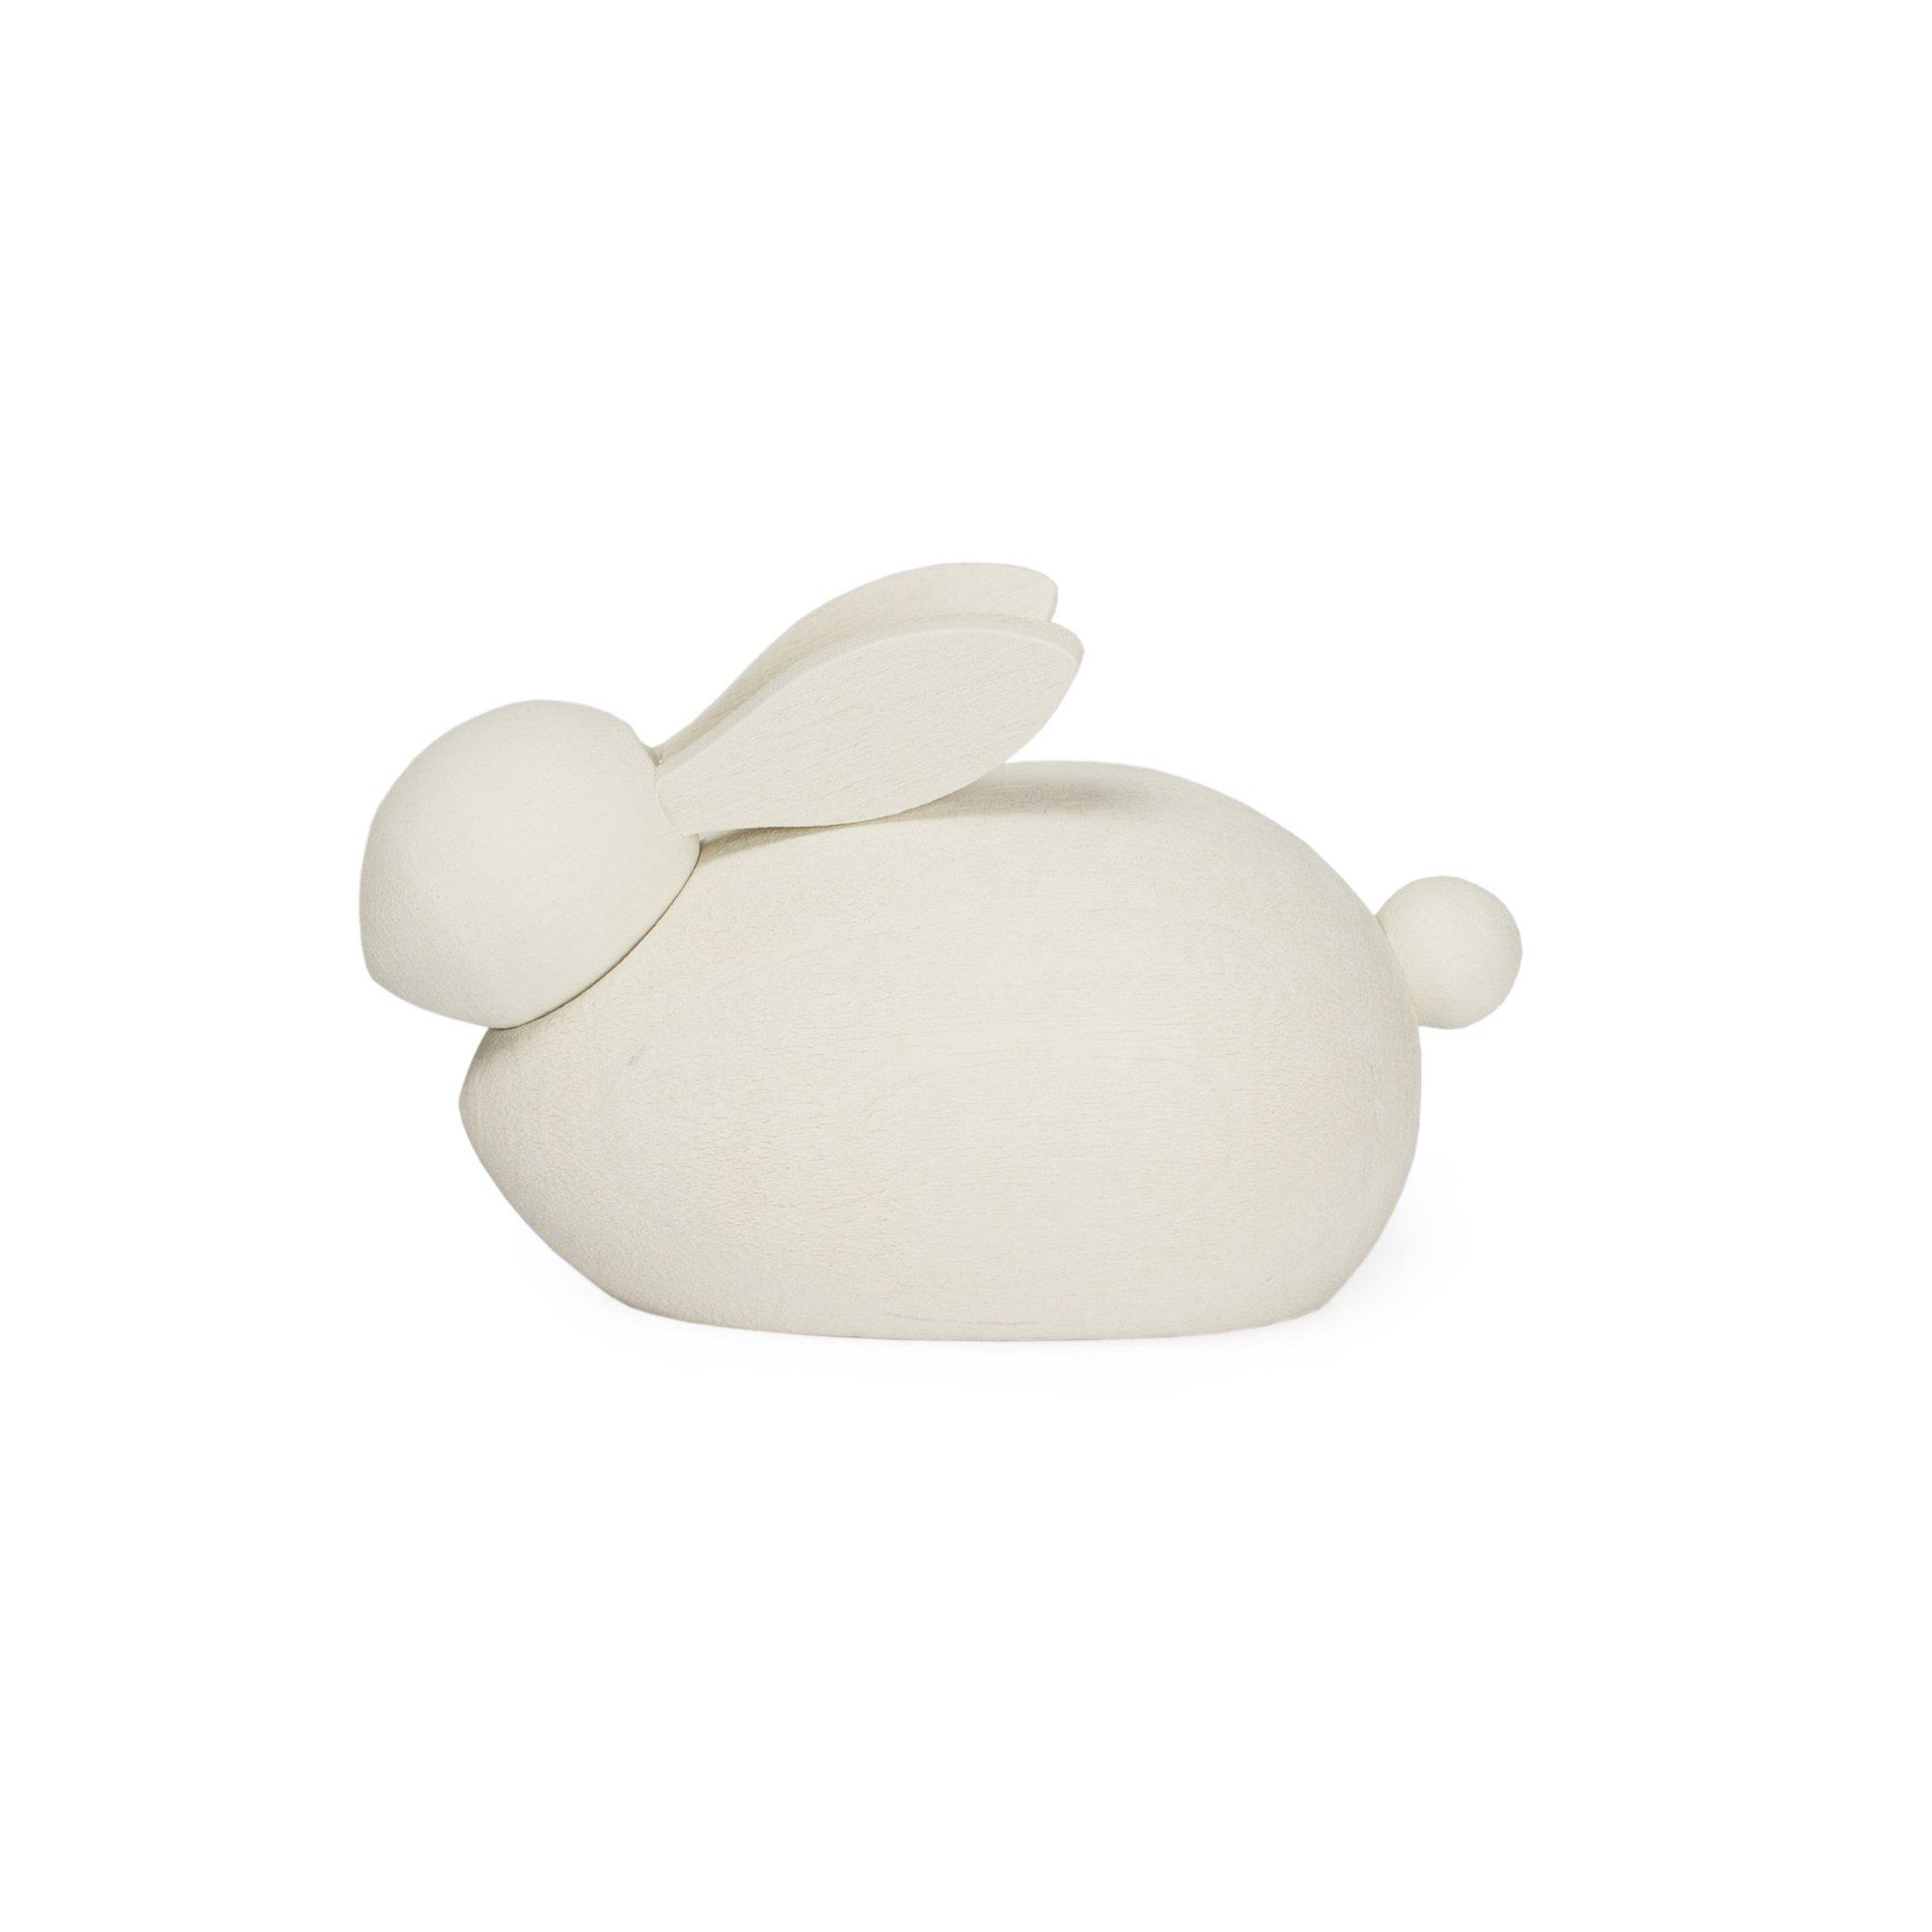 Designtorget Hare Trä vit